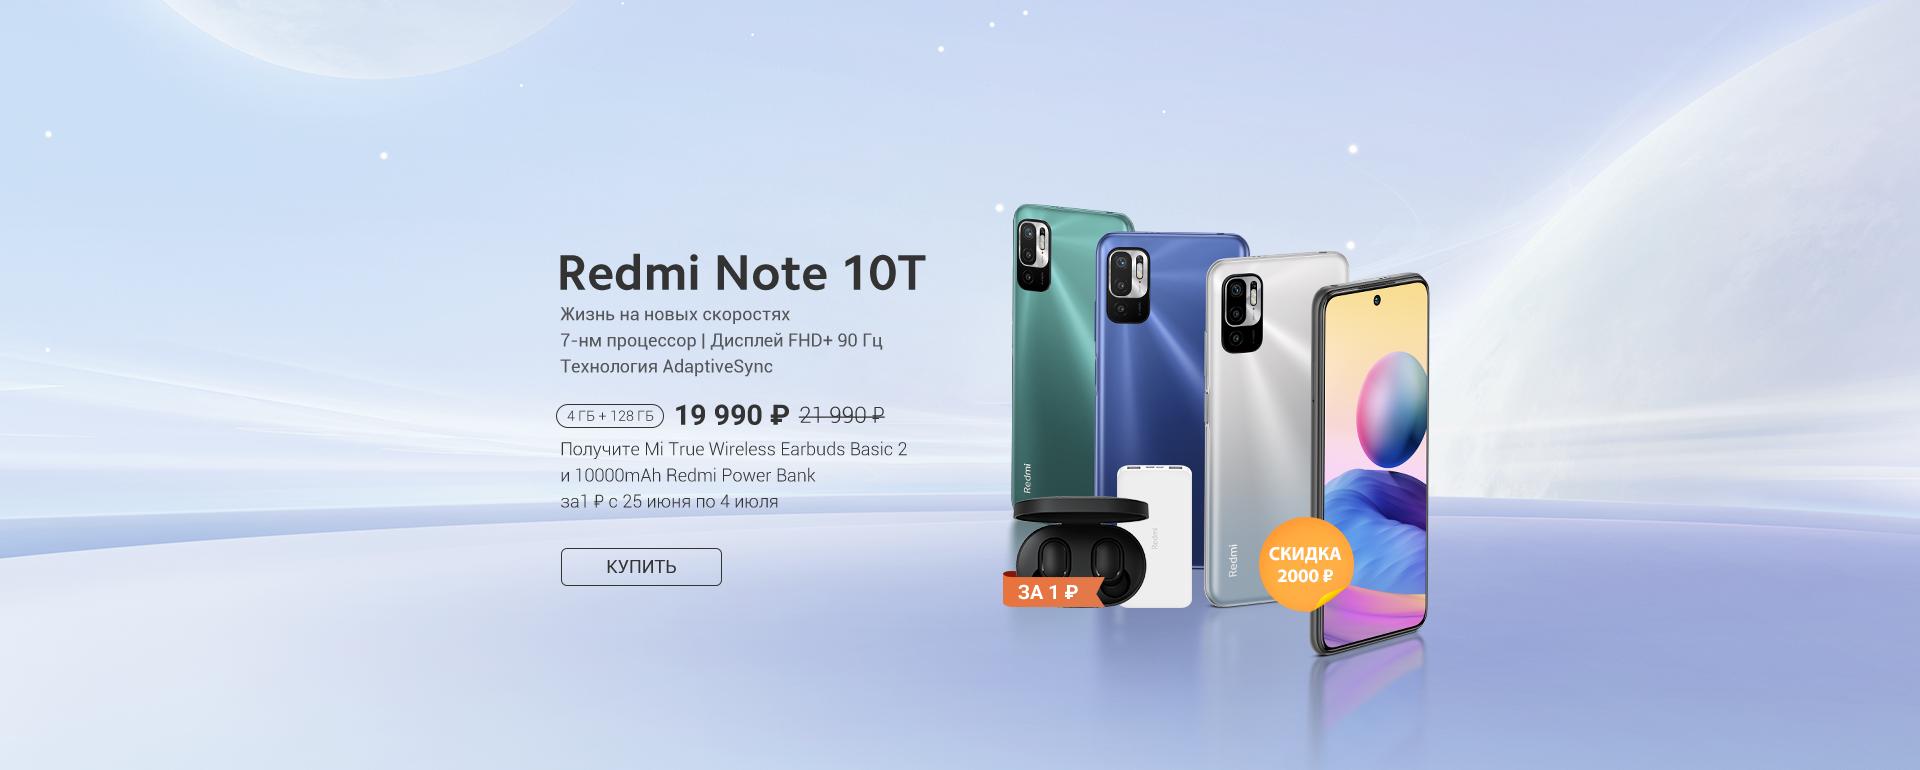 redmi note 10 launch